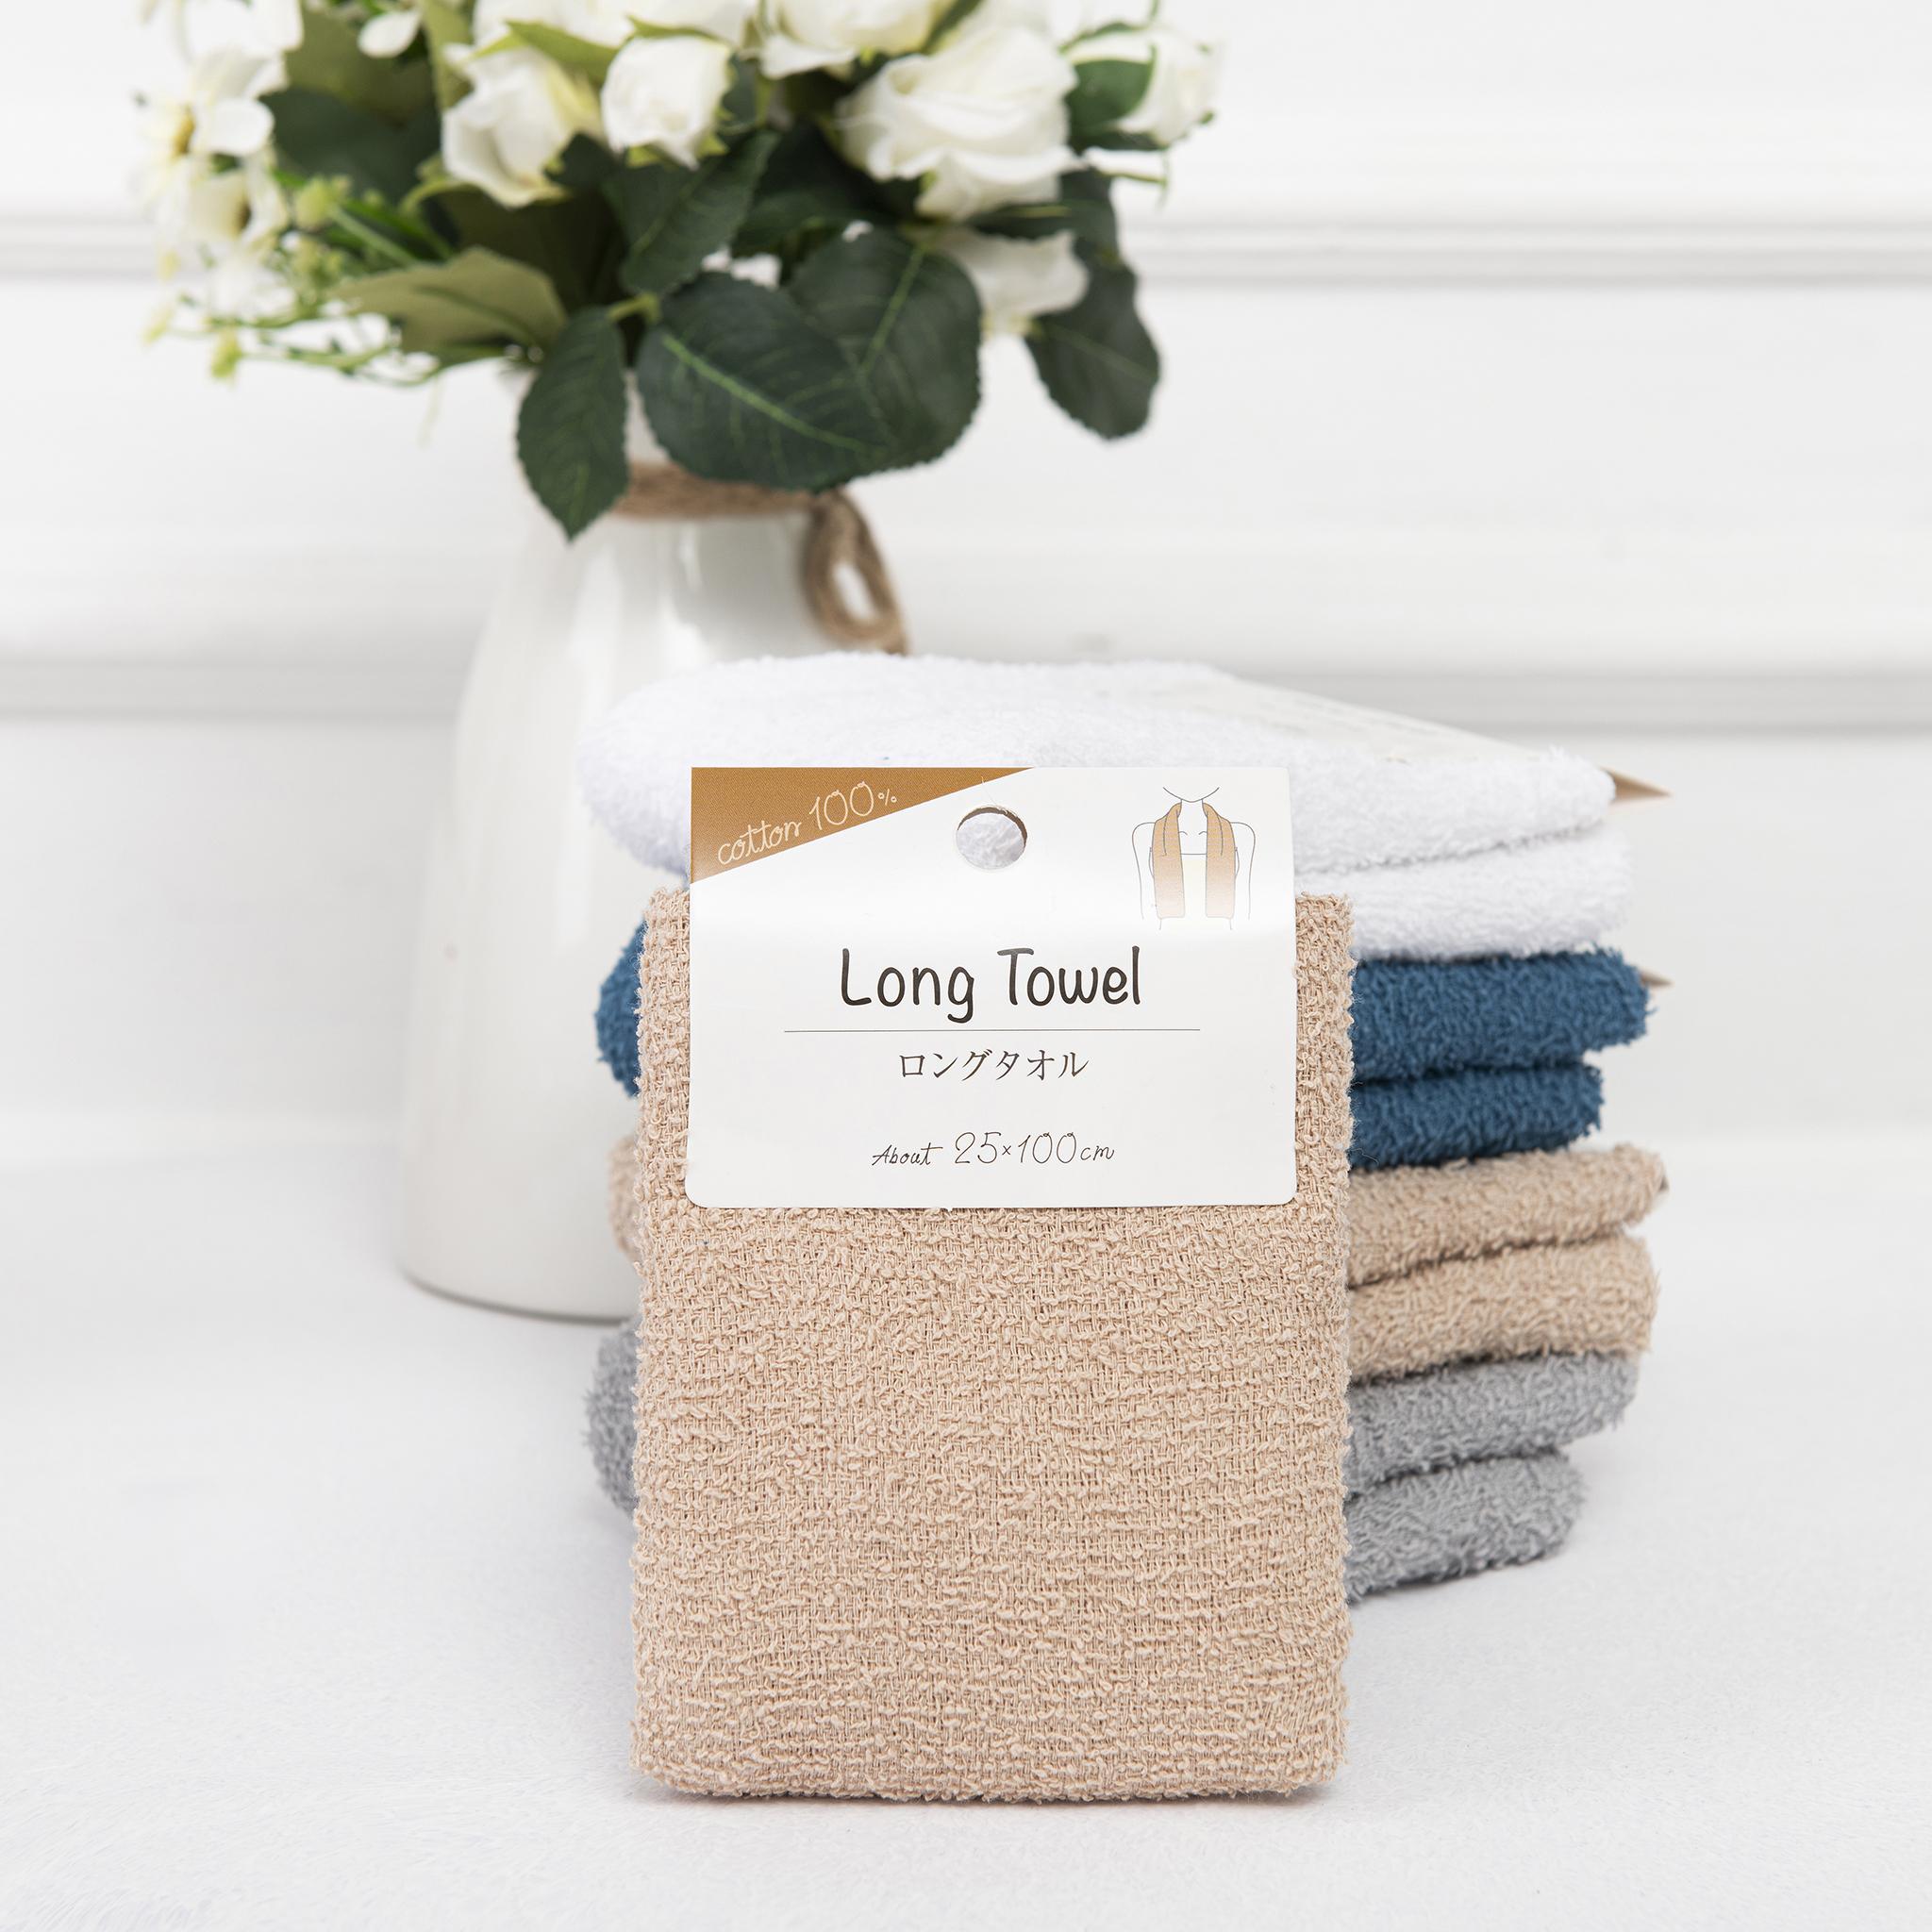 Khăn dài quàng cổ tập thể dục 25x100cm - 100% cotton, mềm mại, siêu thấm nước, an toàn cho da - Màu sắc đa dạng Kem - Trắng - Xám - Xanh Navy